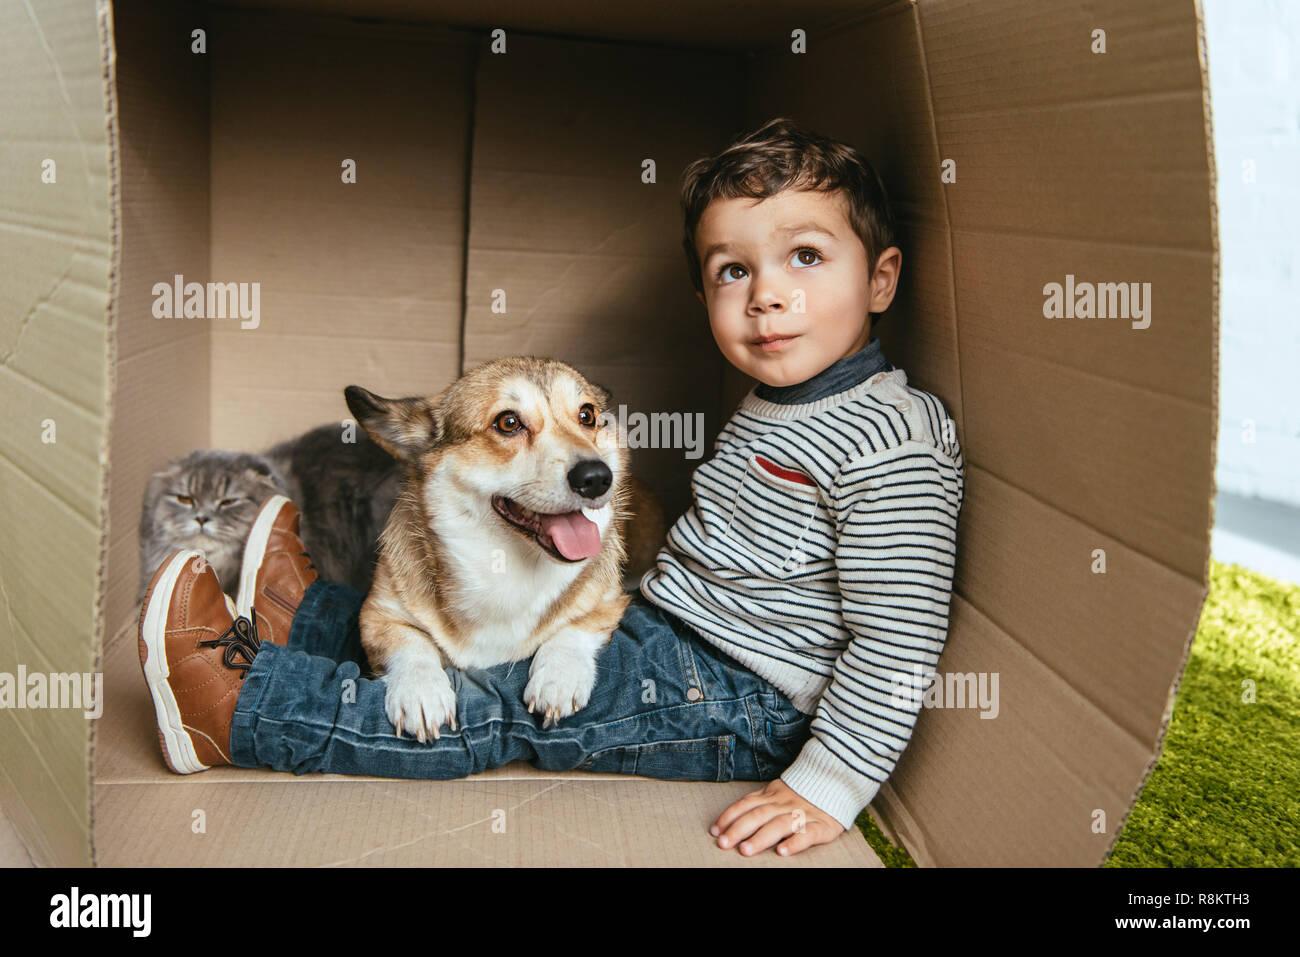 El enfoque selectivo de chico con adorables corgi y british longhair gato sentado en caja de cartón Foto de stock